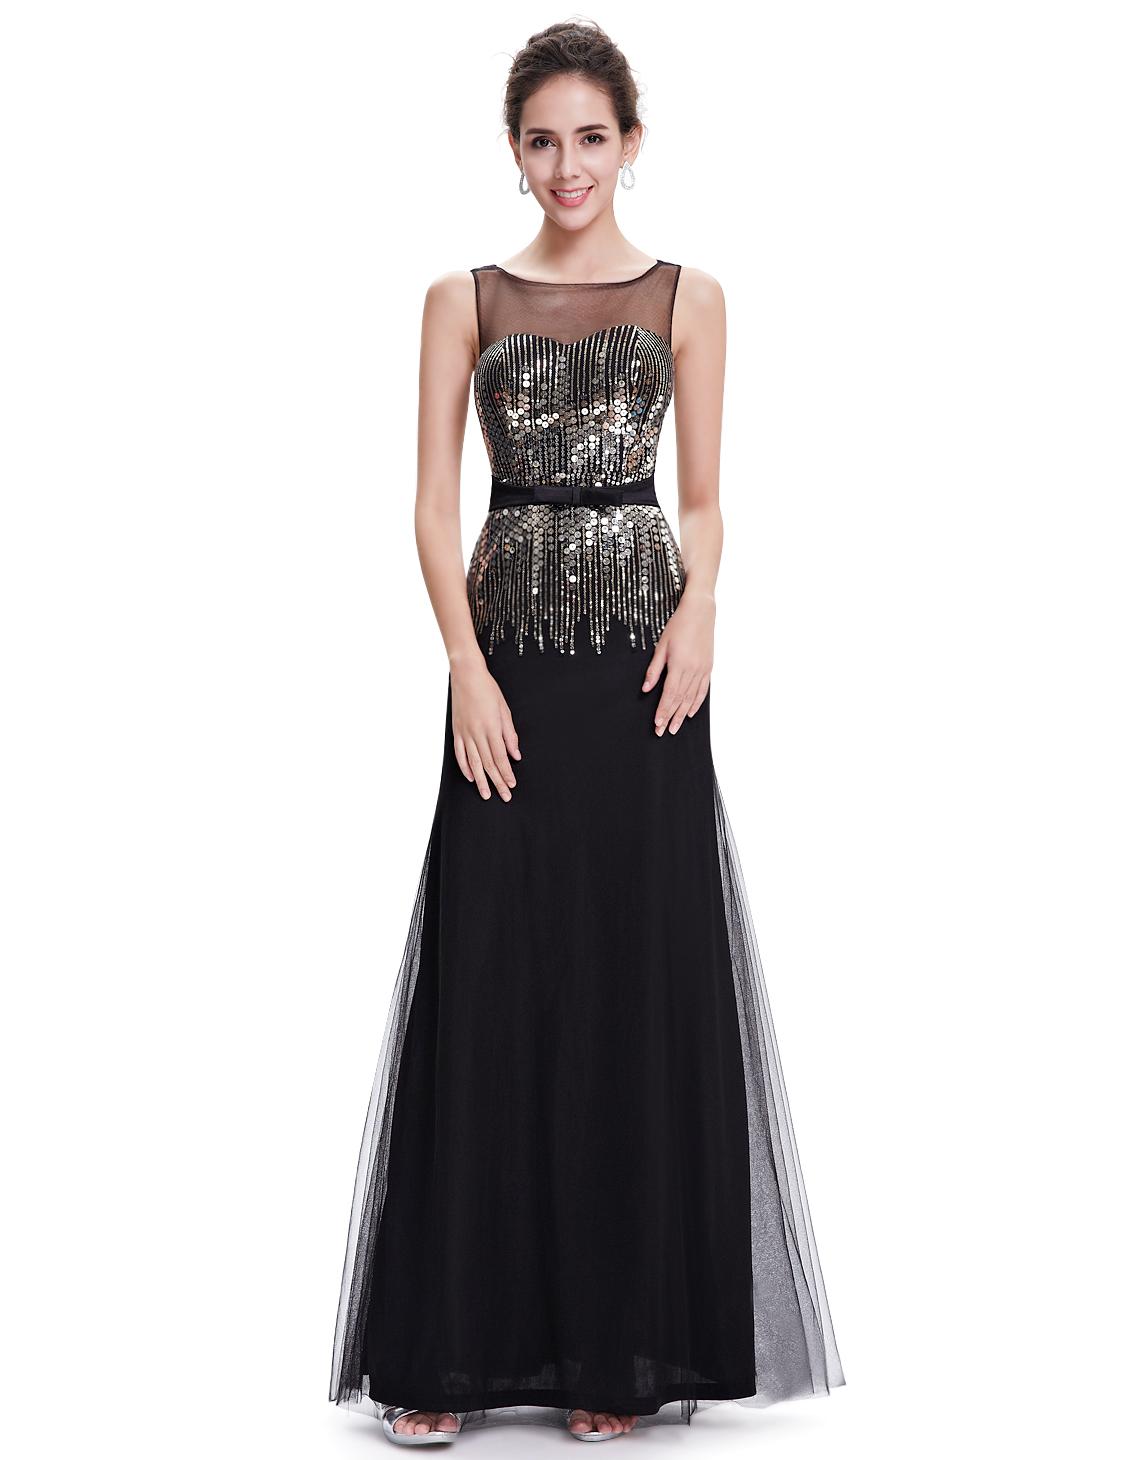 Крассивейшие платья на любой вкус, размер и кошелек. Готовимся к новогодним праздникам. Сбор-14